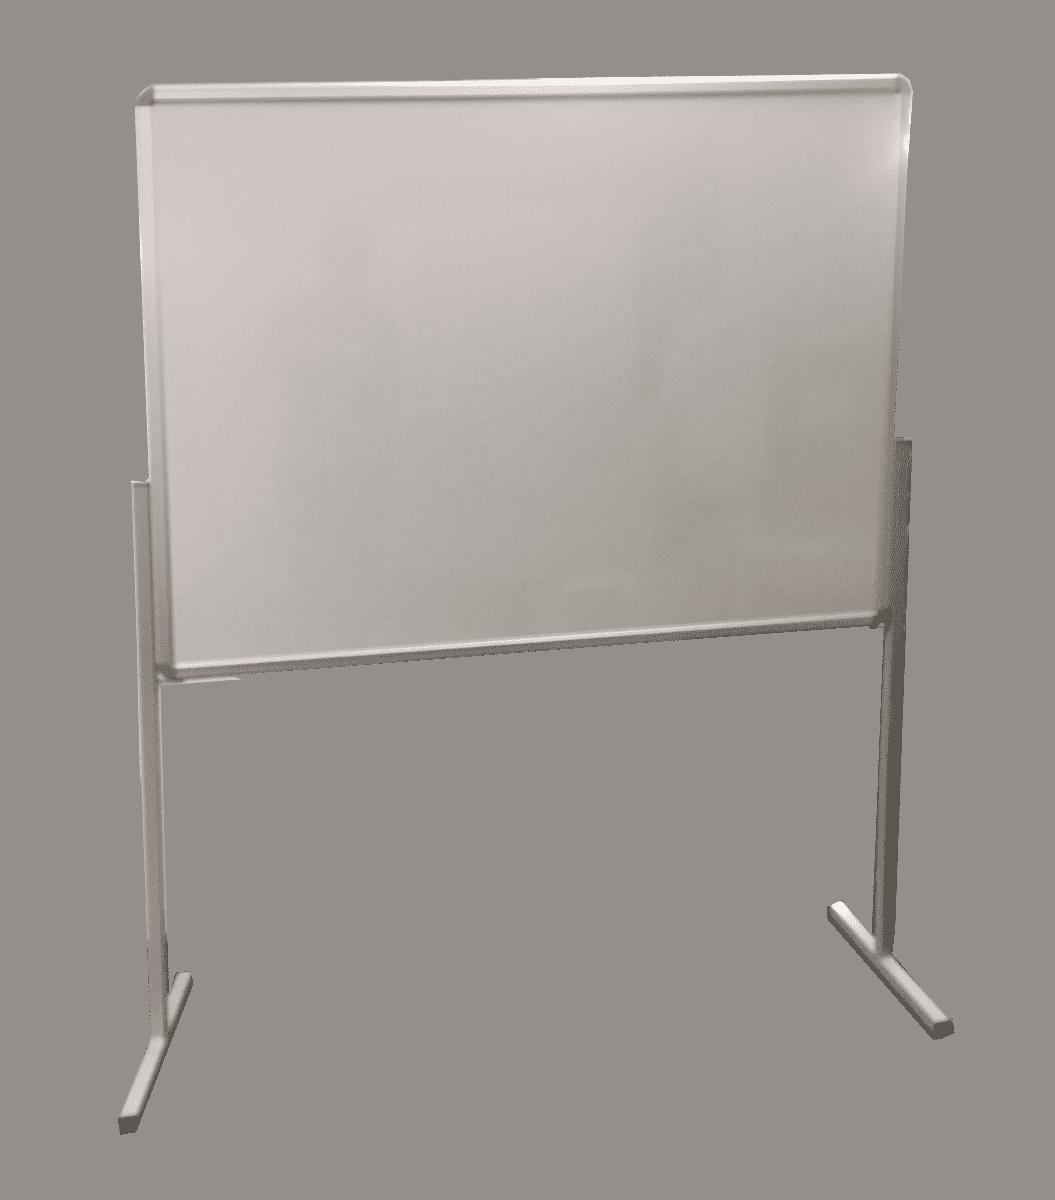 Whiteboard On Legs 900 X 1200